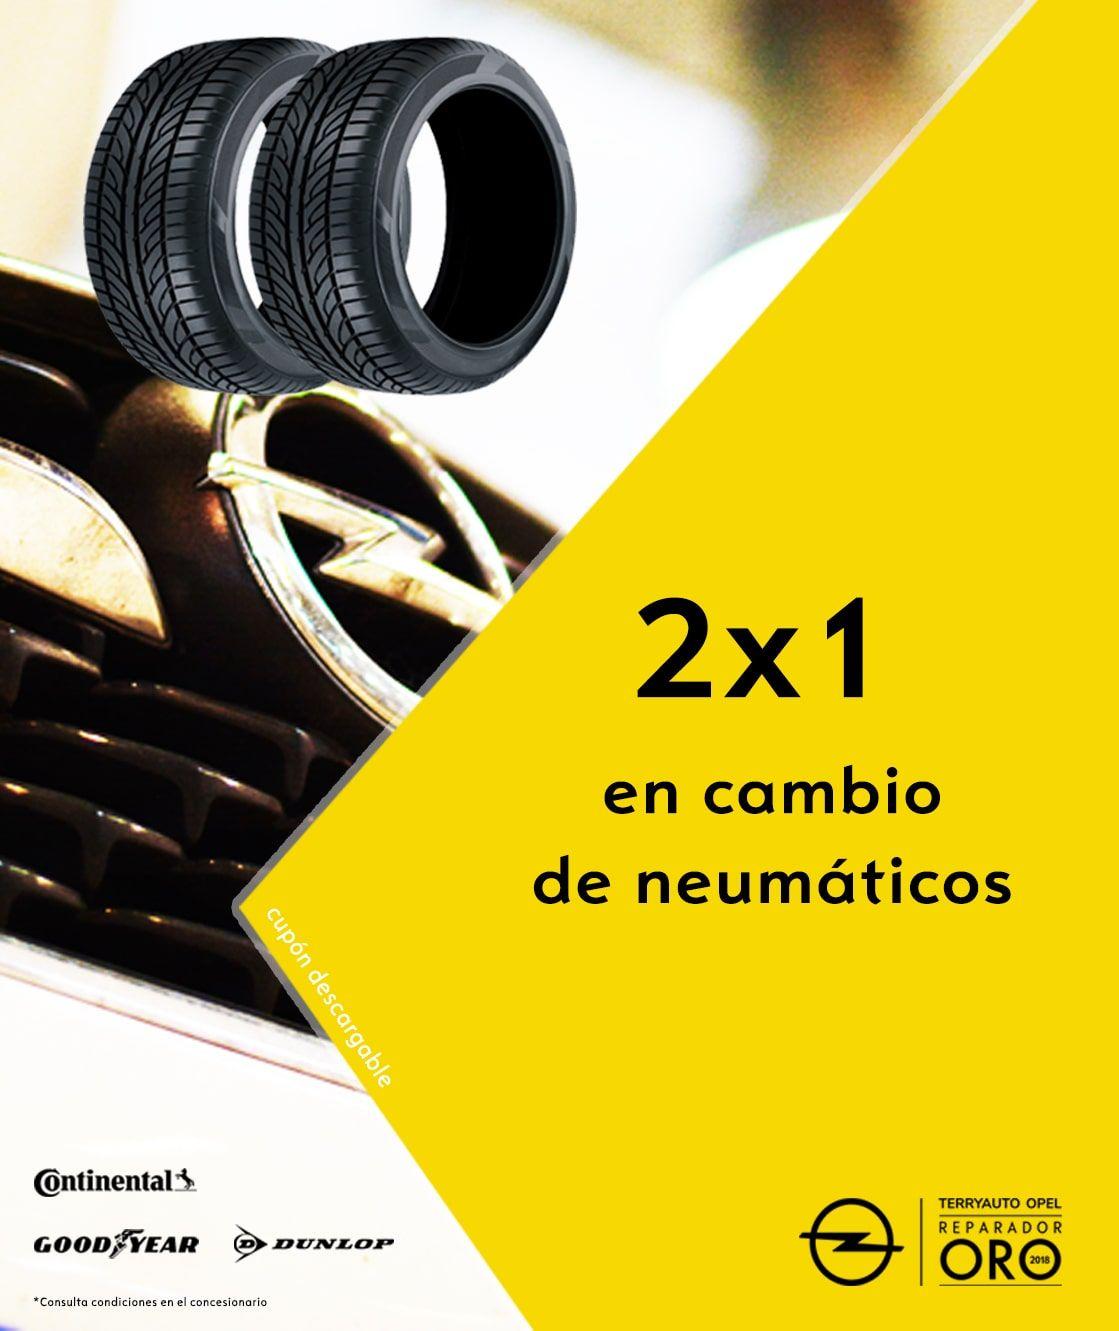 ¡2x1 en CAMBIO DE NEUMÁTICOS!